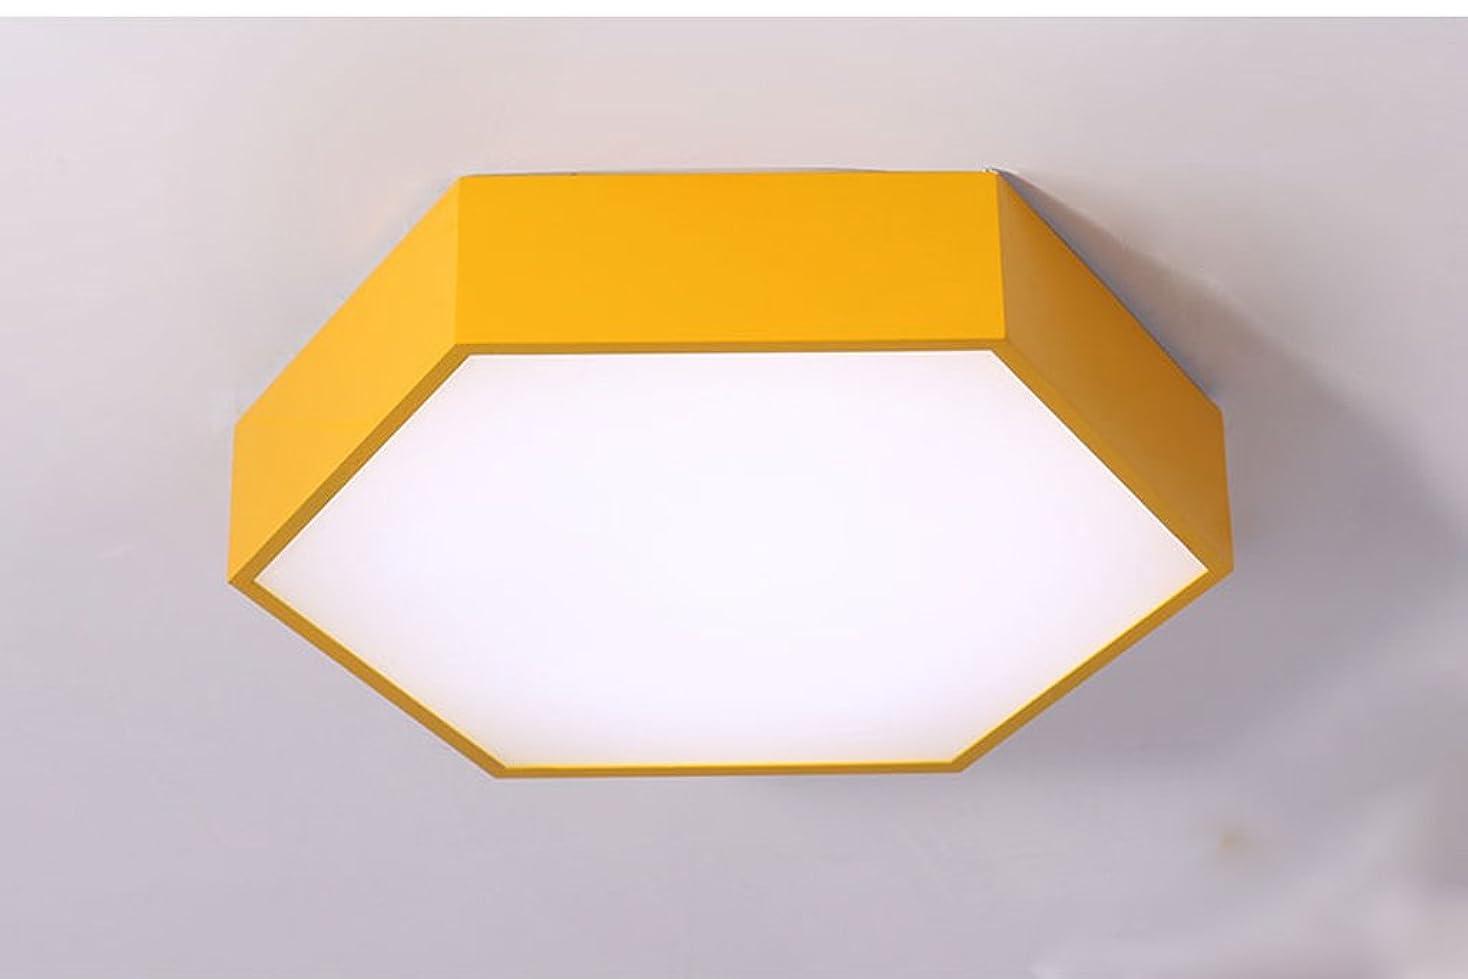 展示会リース建築YSYYSH 漫画の色LEDの子供の天井ランプ創造的な星の寝室ランプ暖かい幼稚園の天井の天井ランプ 寝室の装飾ライト